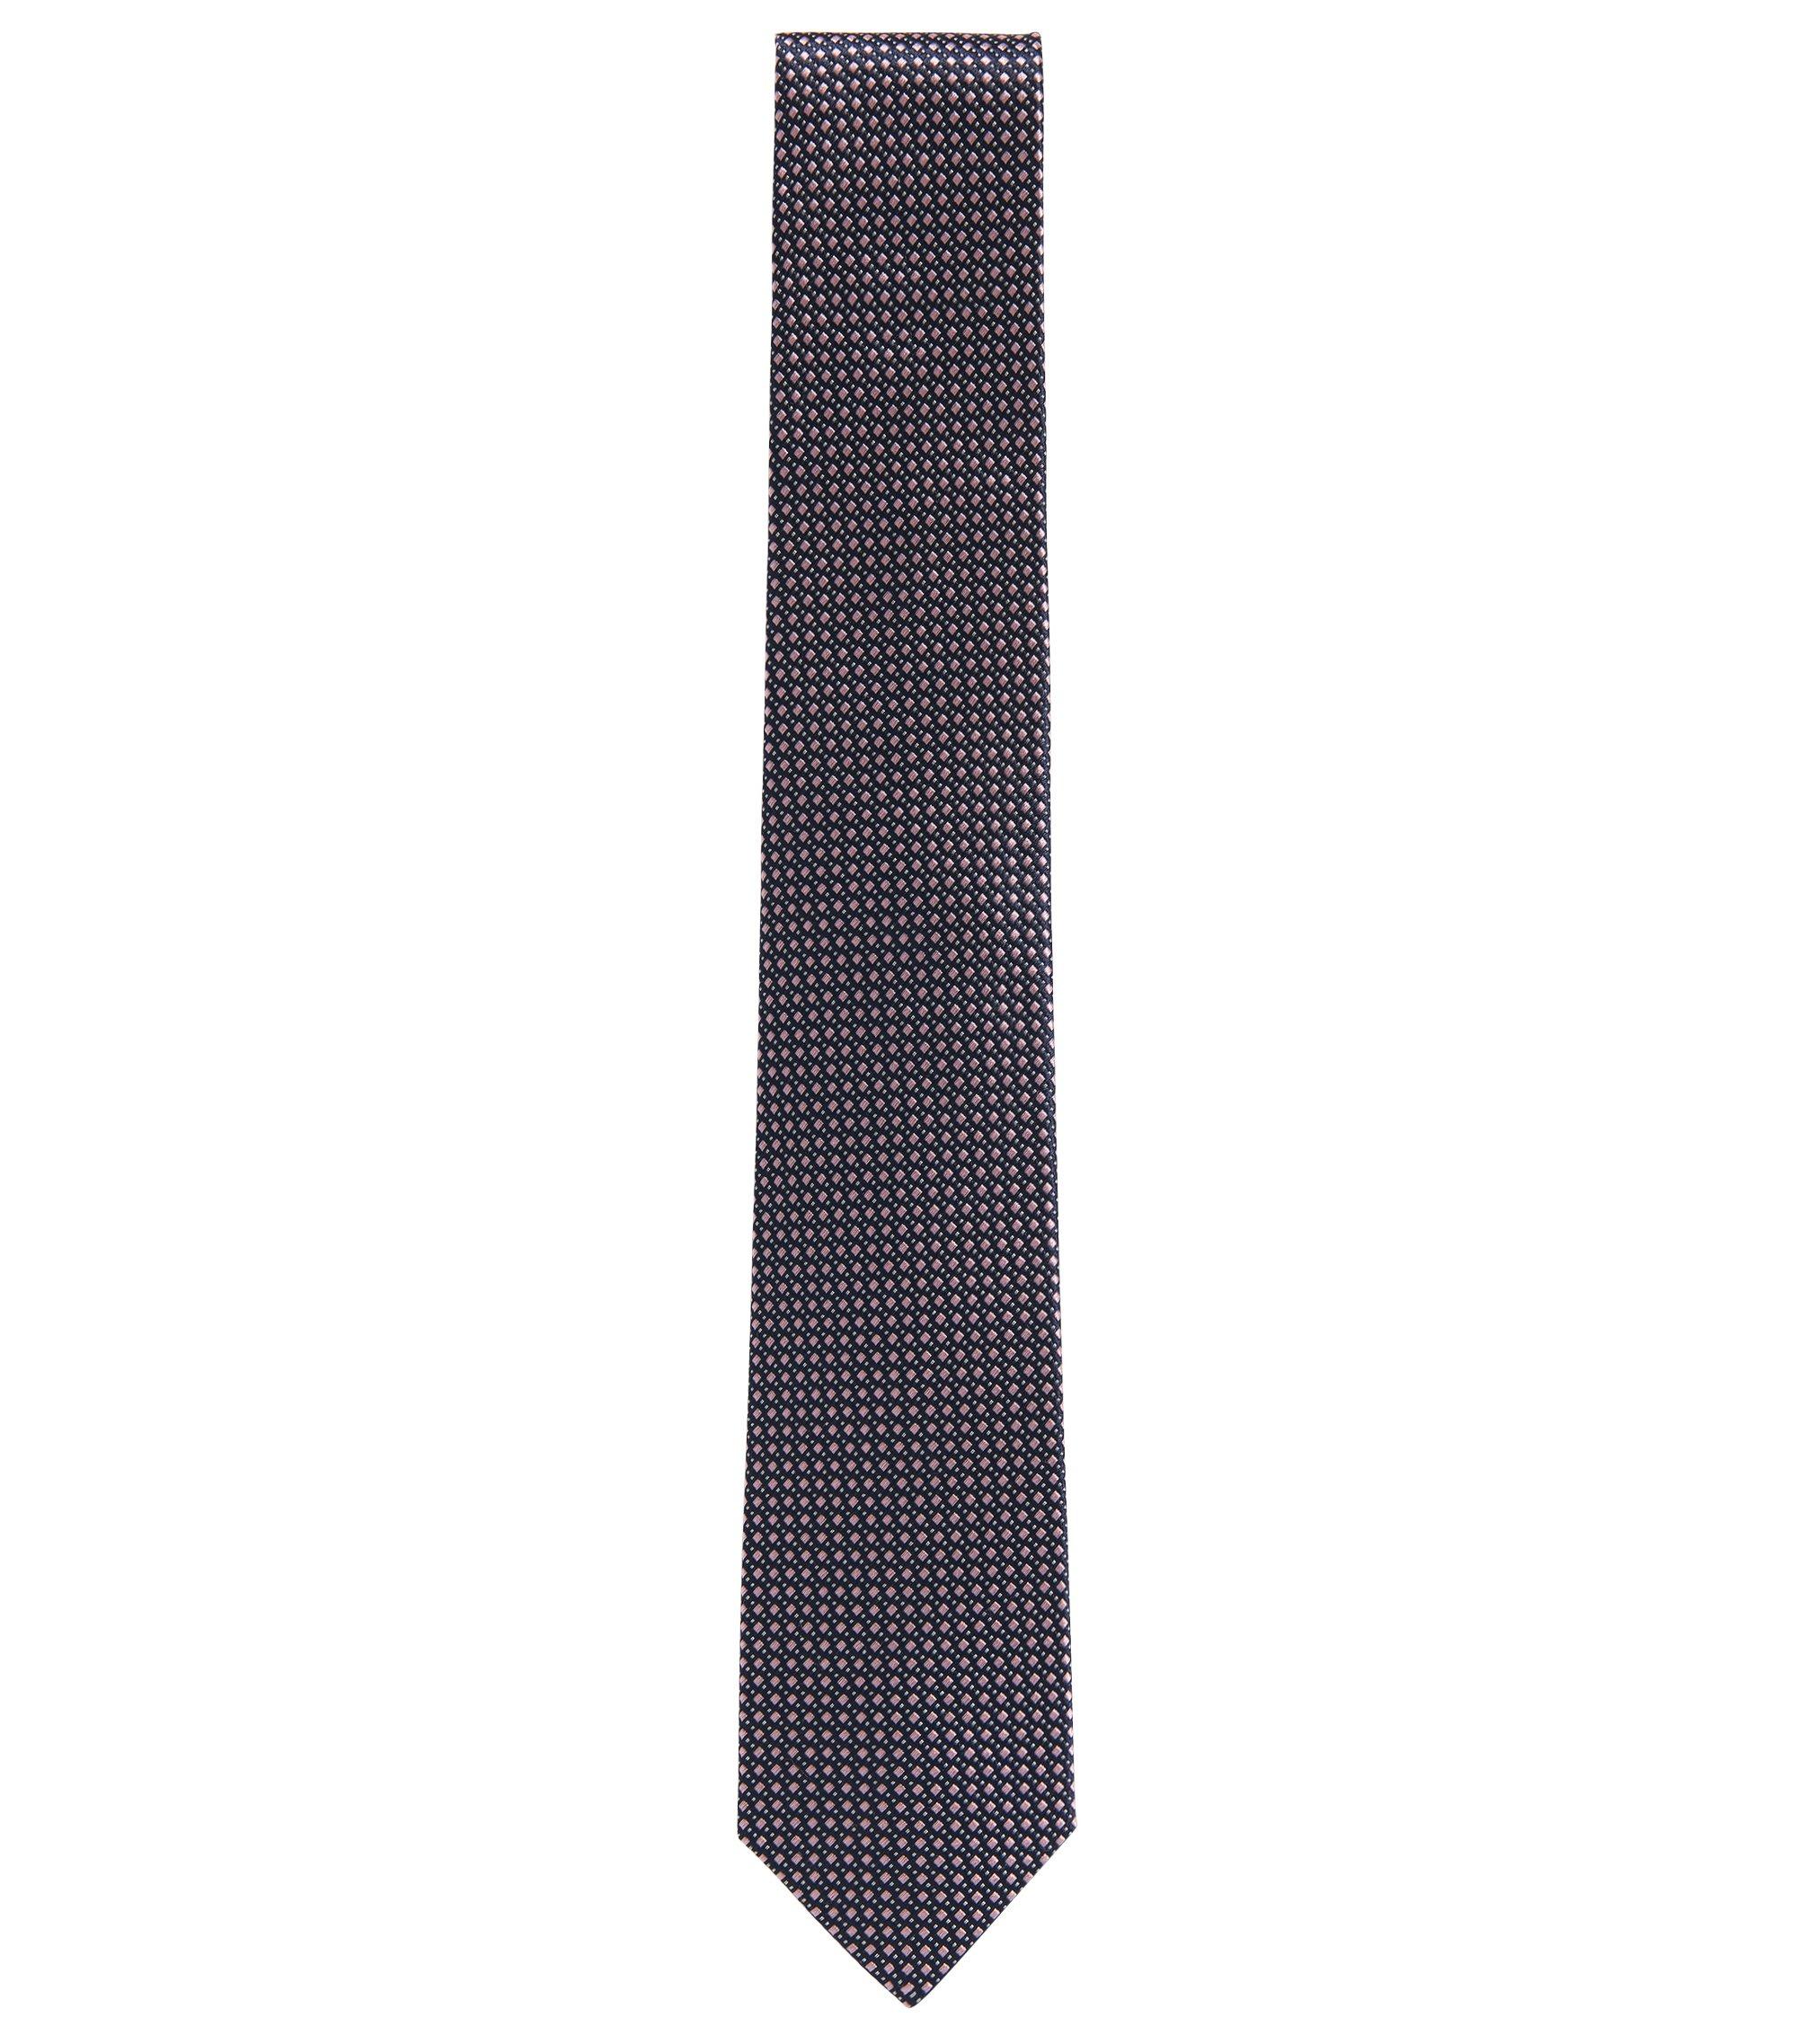 Cravate jacquard confectionnée en Italie, en soie à motif , Rose clair